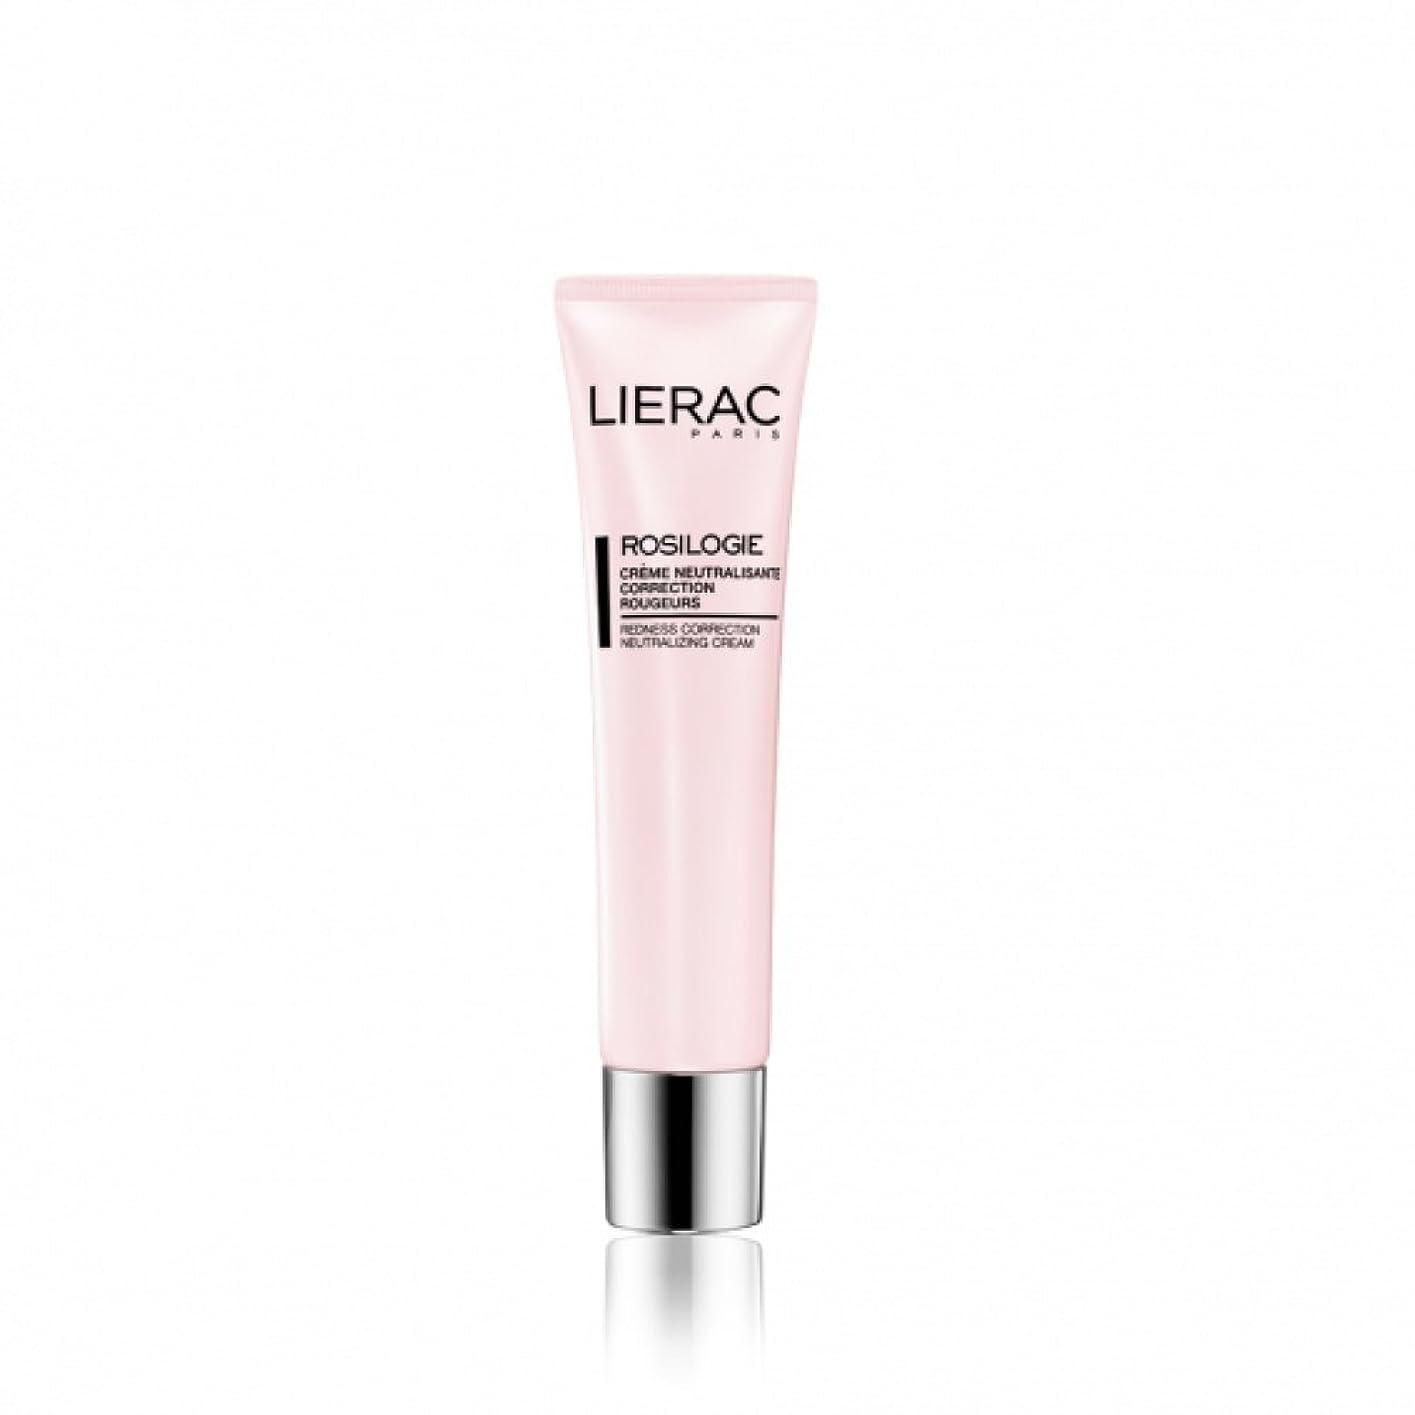 失業者一掃する性別リーラック Rosilogie Redness Correction Neutralizing Cream 40ml/1.42oz並行輸入品